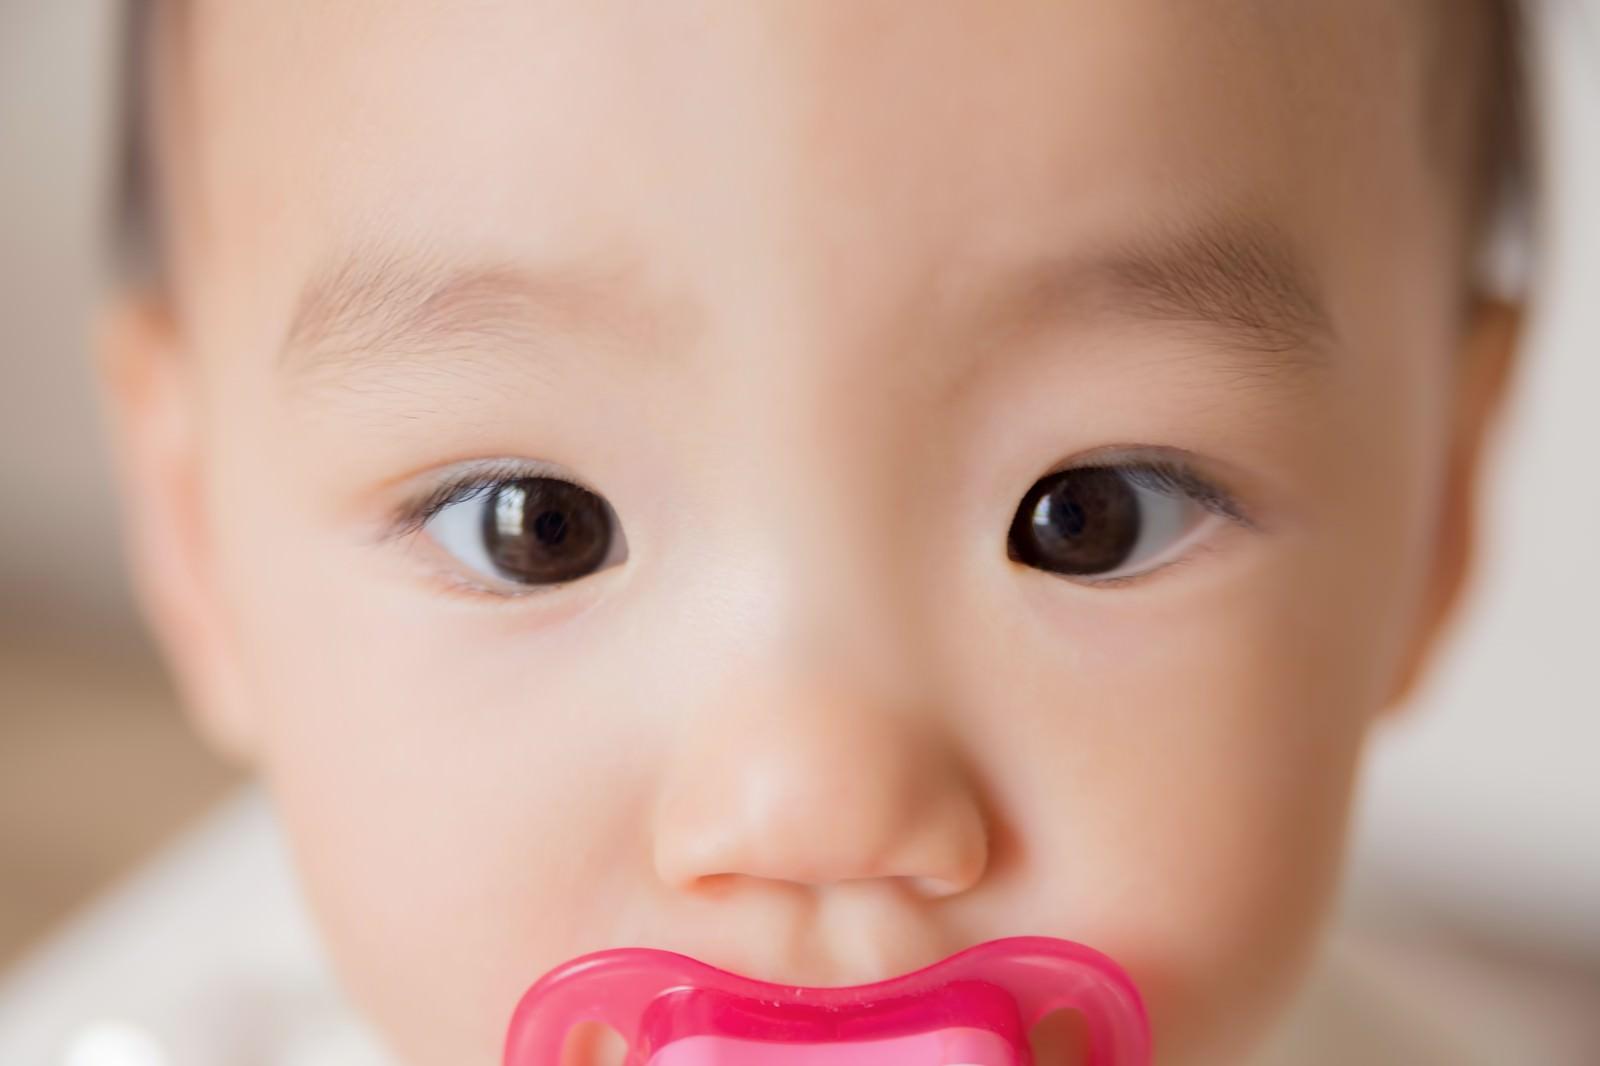 「綺麗な瞳の赤ちゃん」の写真[モデル:あんじゅ]